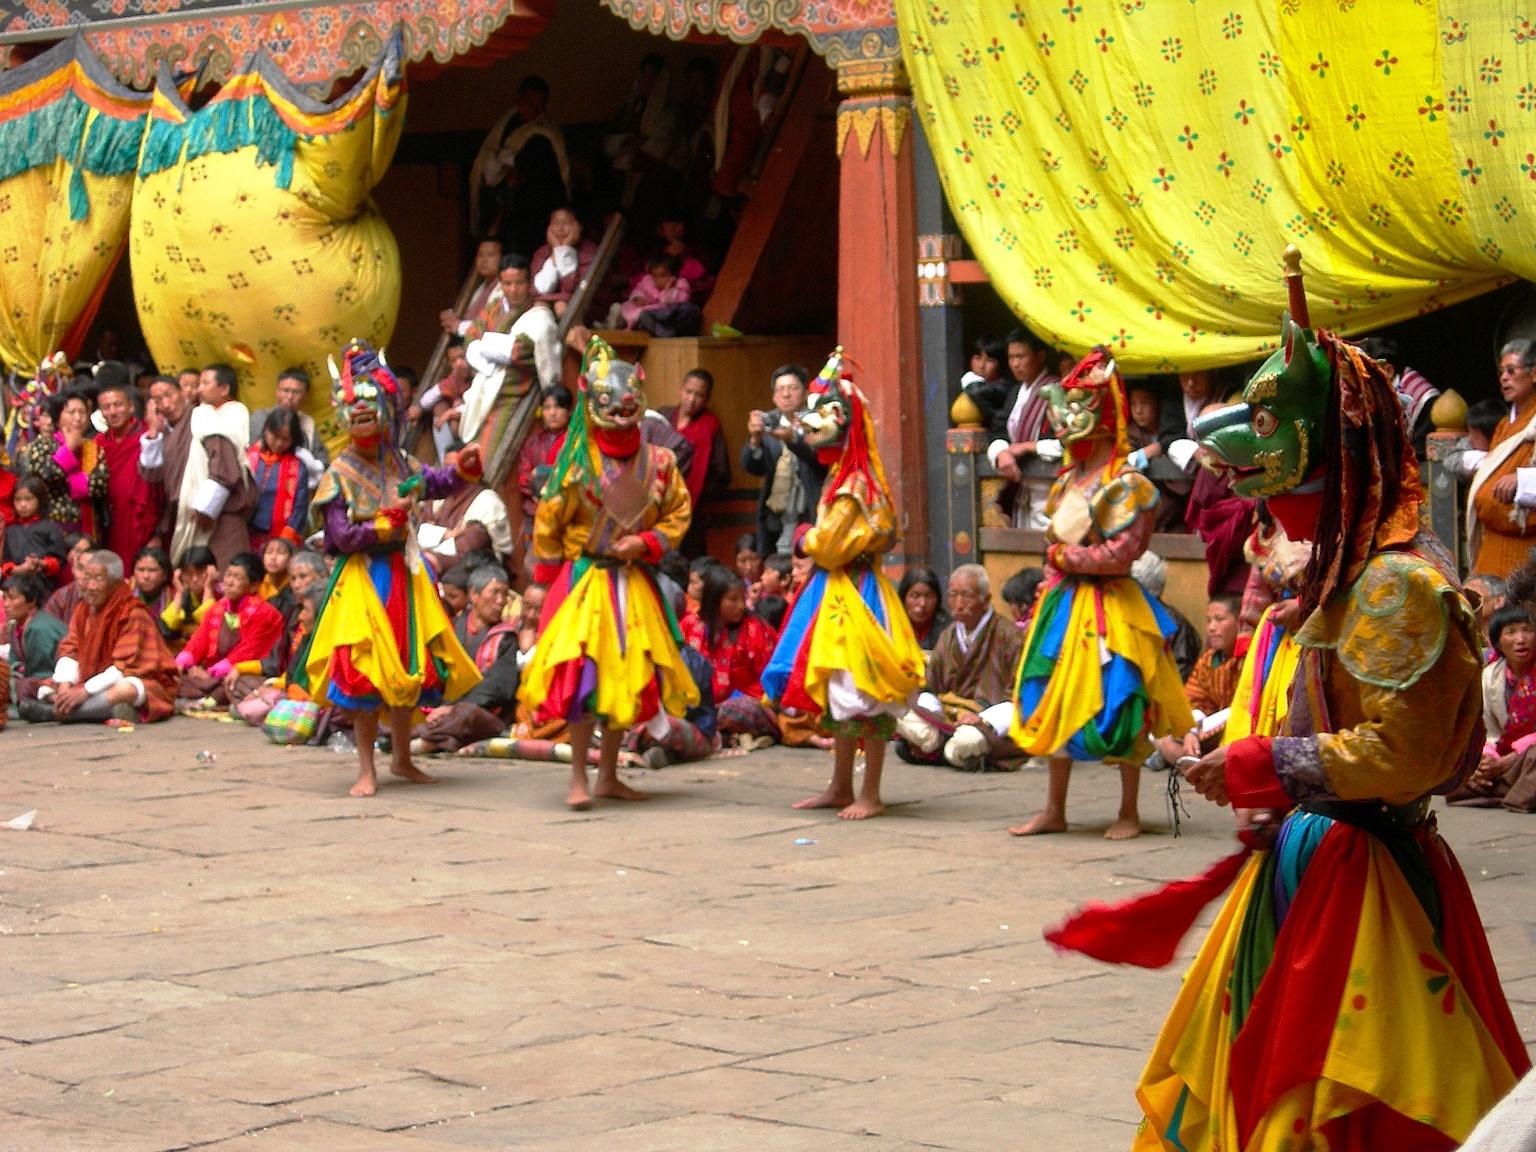 祭りの会場で披露される踊り